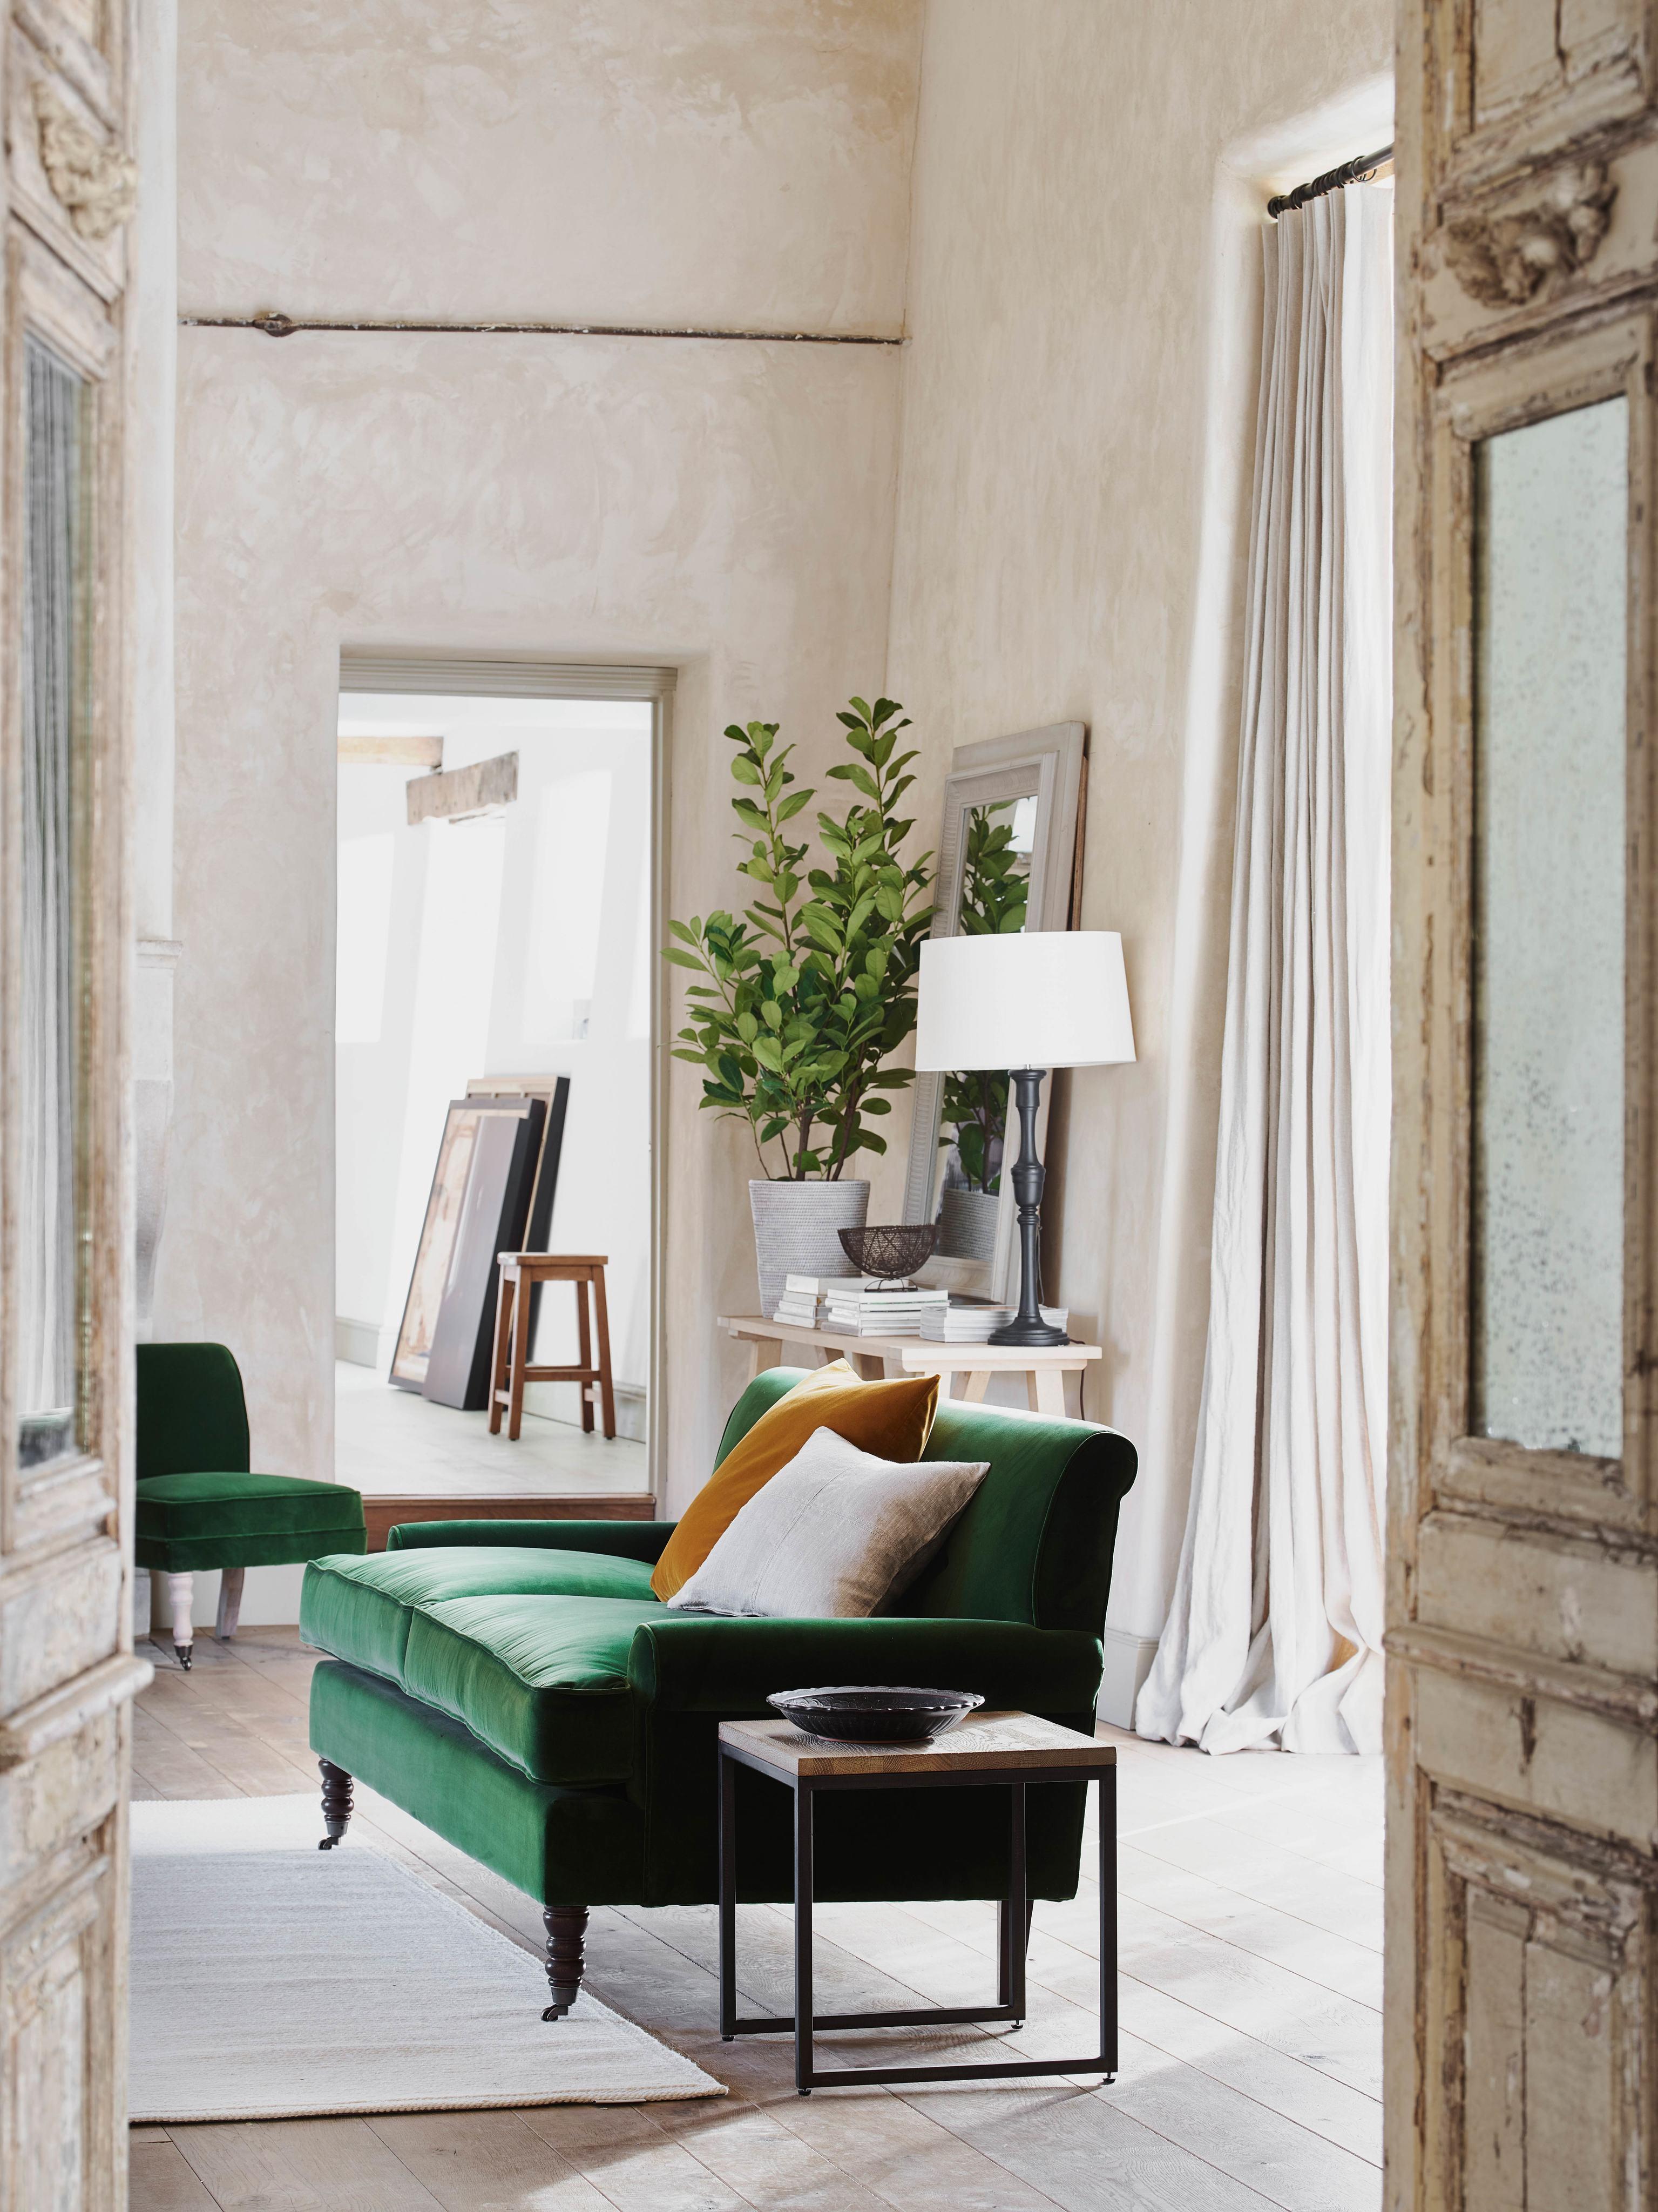 Landhausstil bilder ideen couchstyle for Raumgestaltung 2 farben